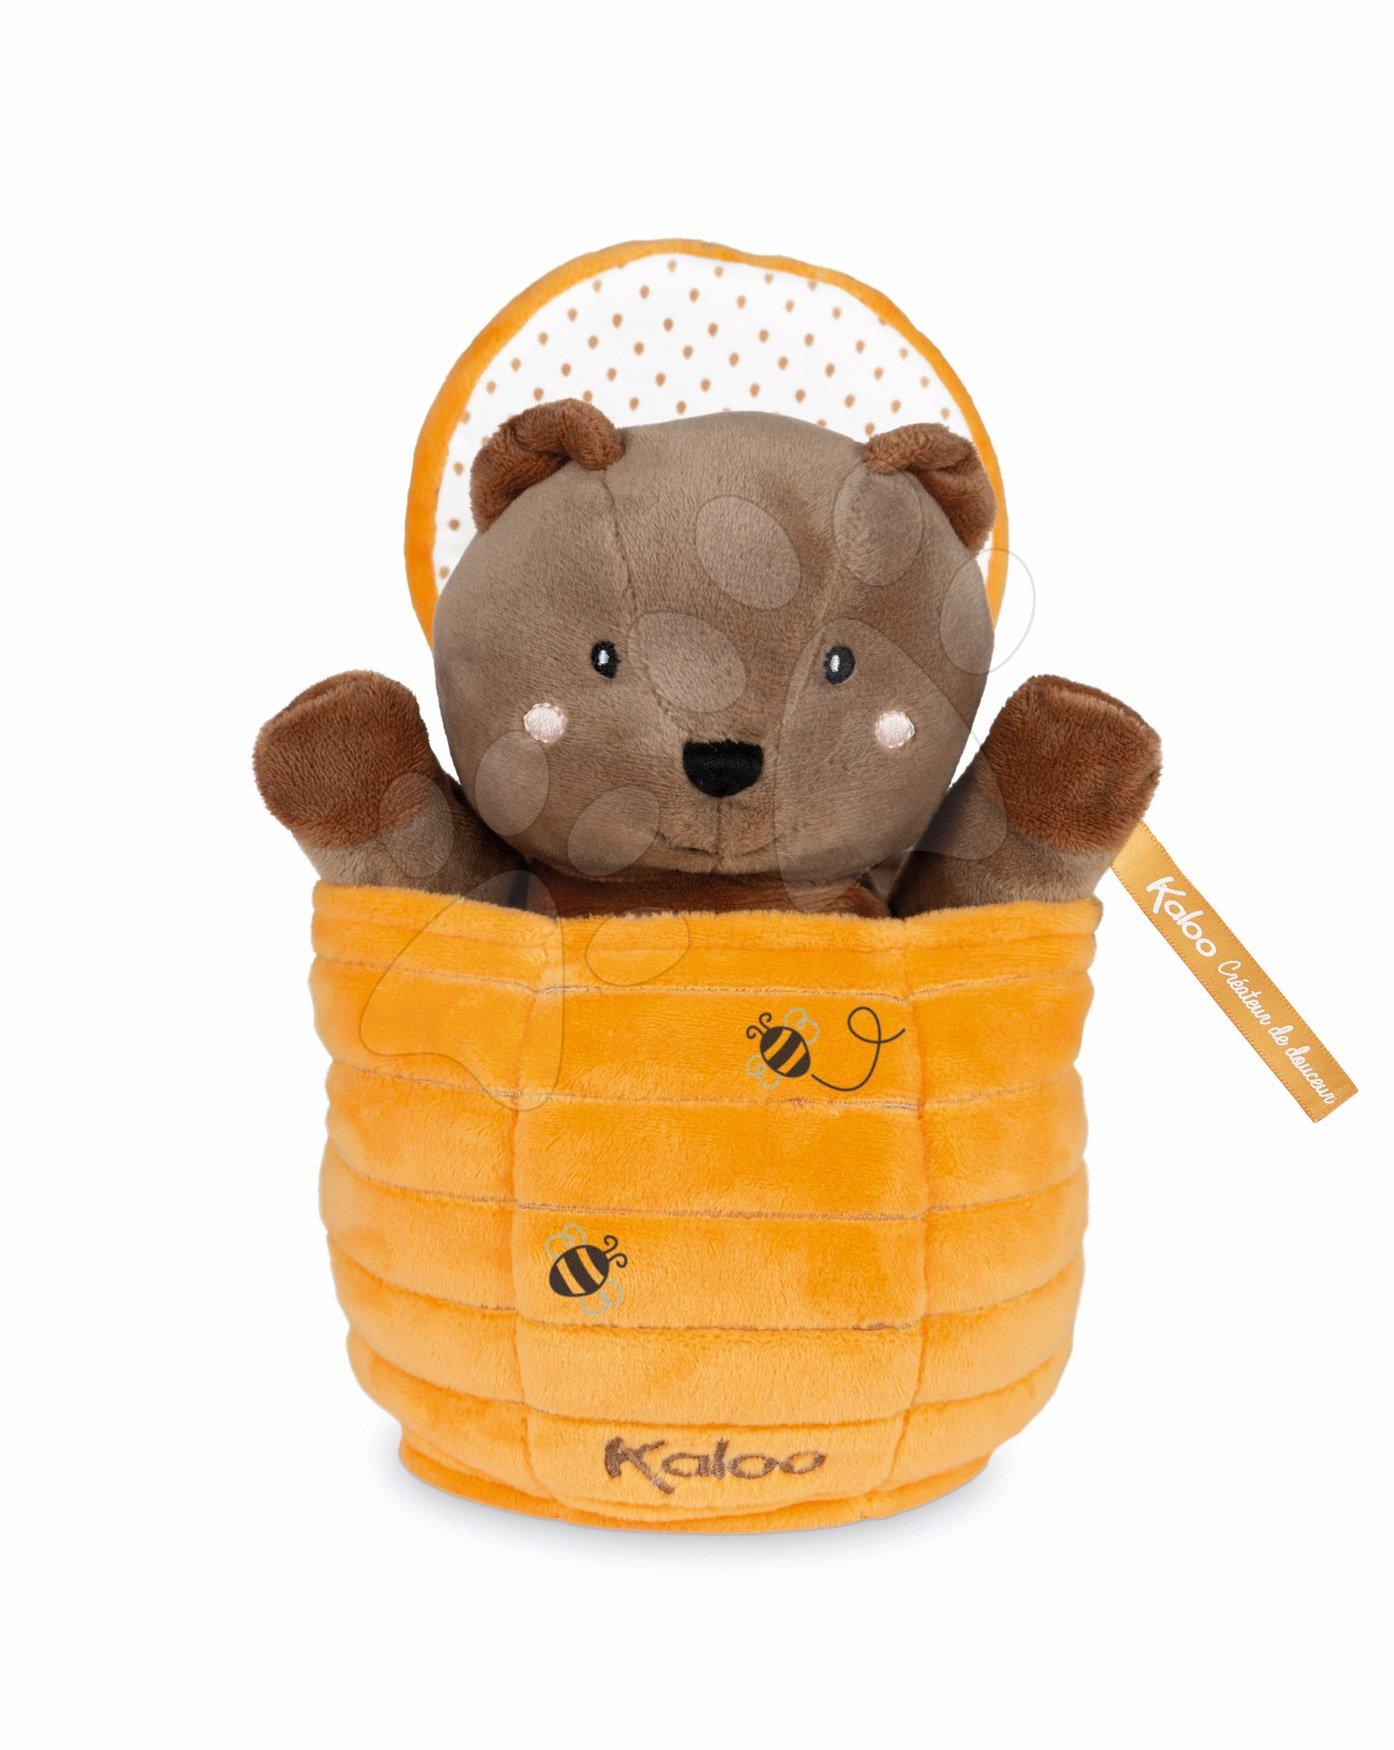 Plyšový medveď bábkové divadlo Ted Bear Kachoo Kaloo prekvapenie v úli 25 cm pre najmenších od 0 mes